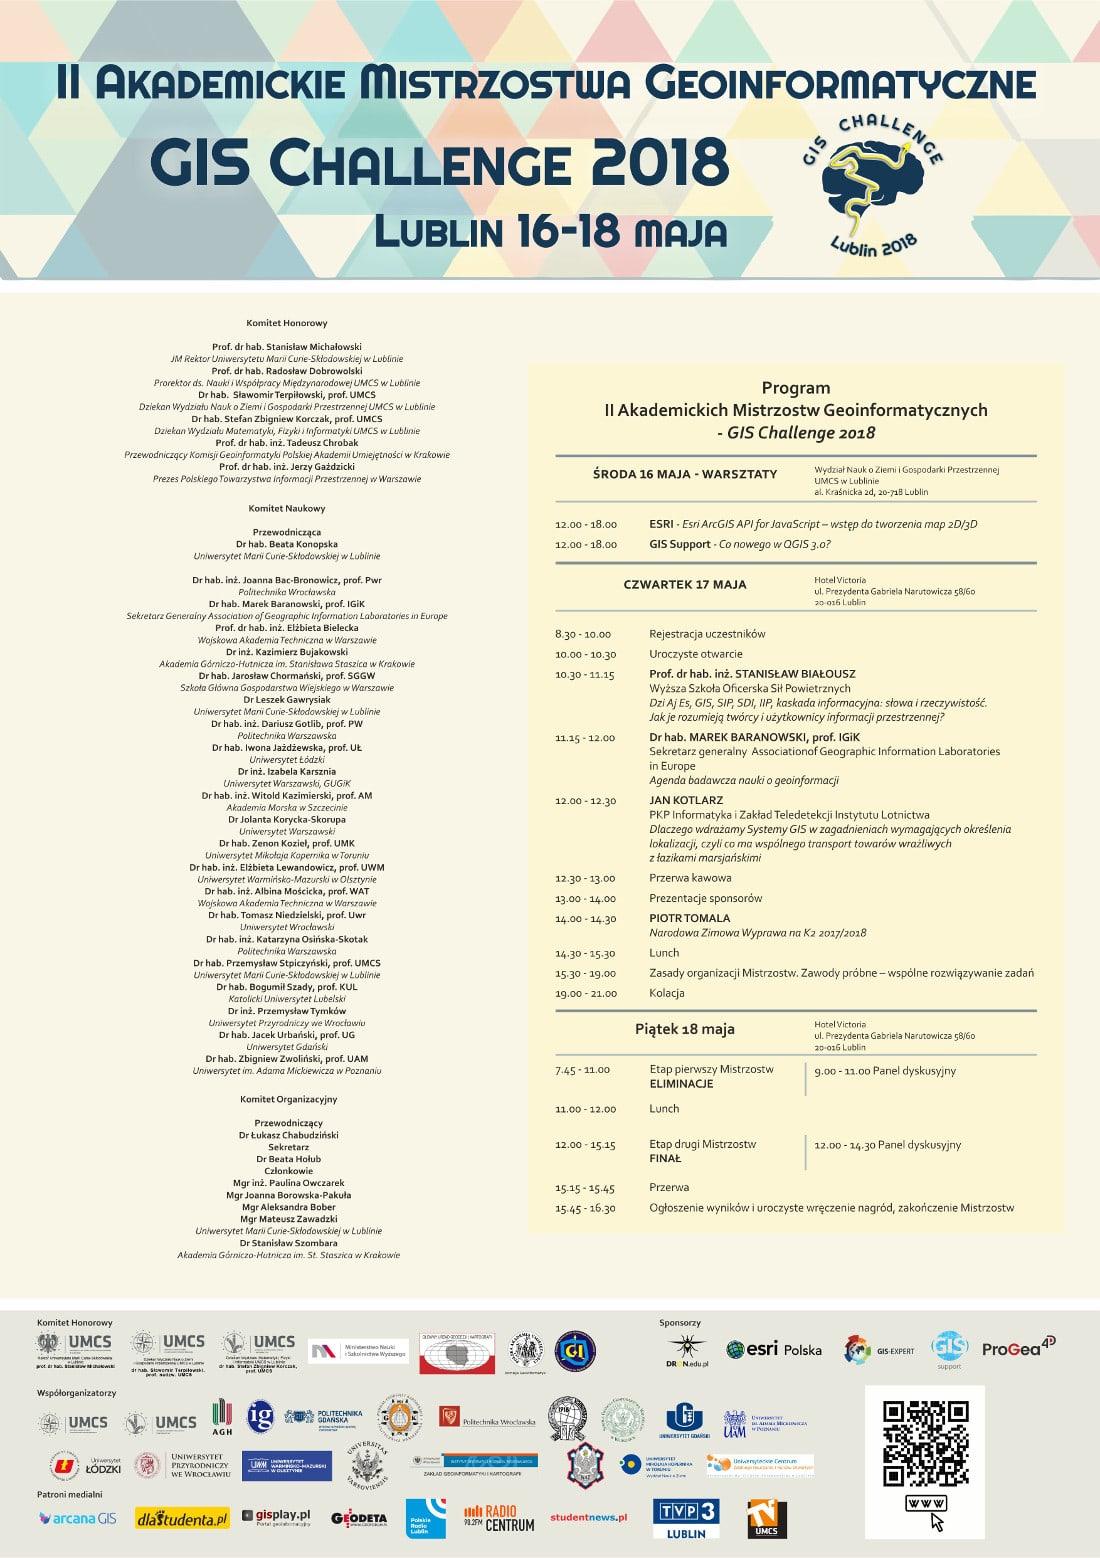 Akademickie Mistrzostwa Geoinformatyczne odbędą się w dniach 16-18 maja 2018 roku.